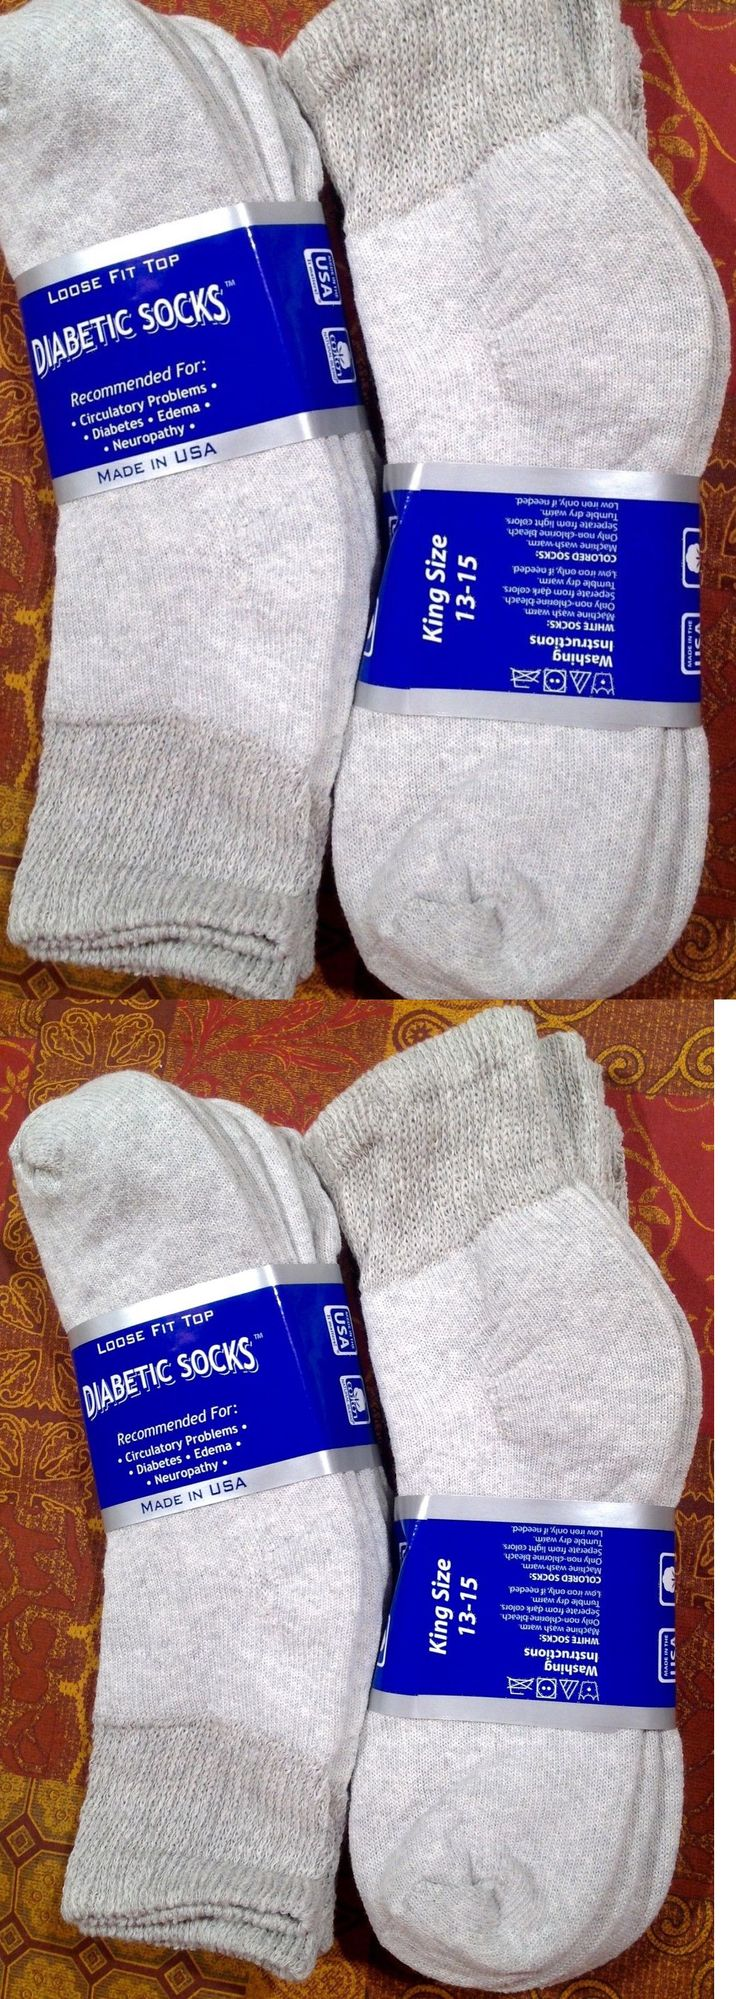 Socks 181140: (6) Pair Men S Gray Quarter Cotton Golf Diabetic Socks King Size 13-15 Grey Usa -> BUY IT NOW ONLY: $145 on eBay!